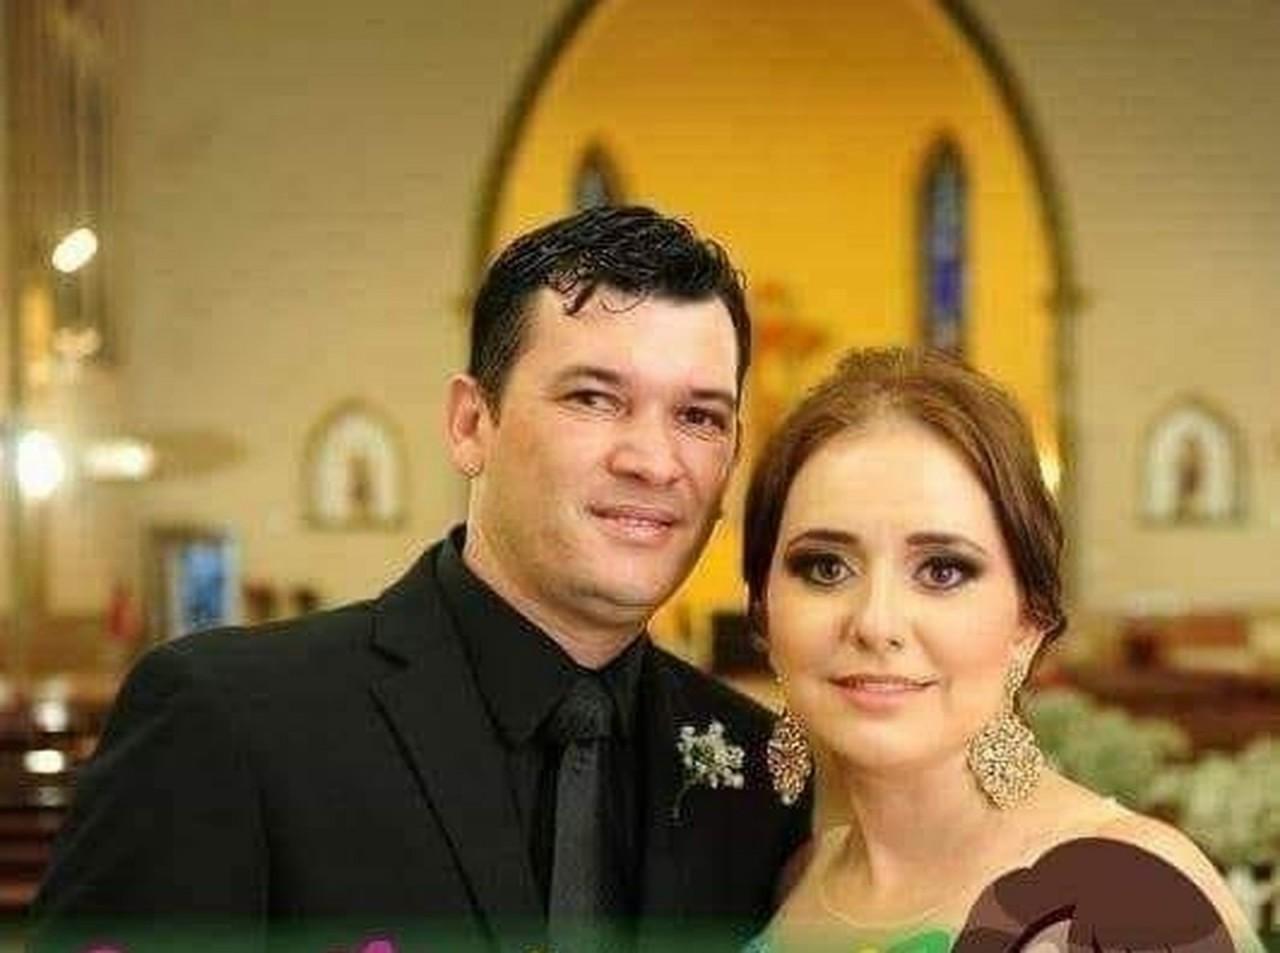 46417778 2092963184097469 1950951467862982656 n - DESOVOU CUNHADA NO CANAVIAL E ESFAQUEOU MULHER APÓS PERDÃO: Marido que escondeu corpo de amante após aborto mal sucedido tenta matar esposa após mensagem de celular